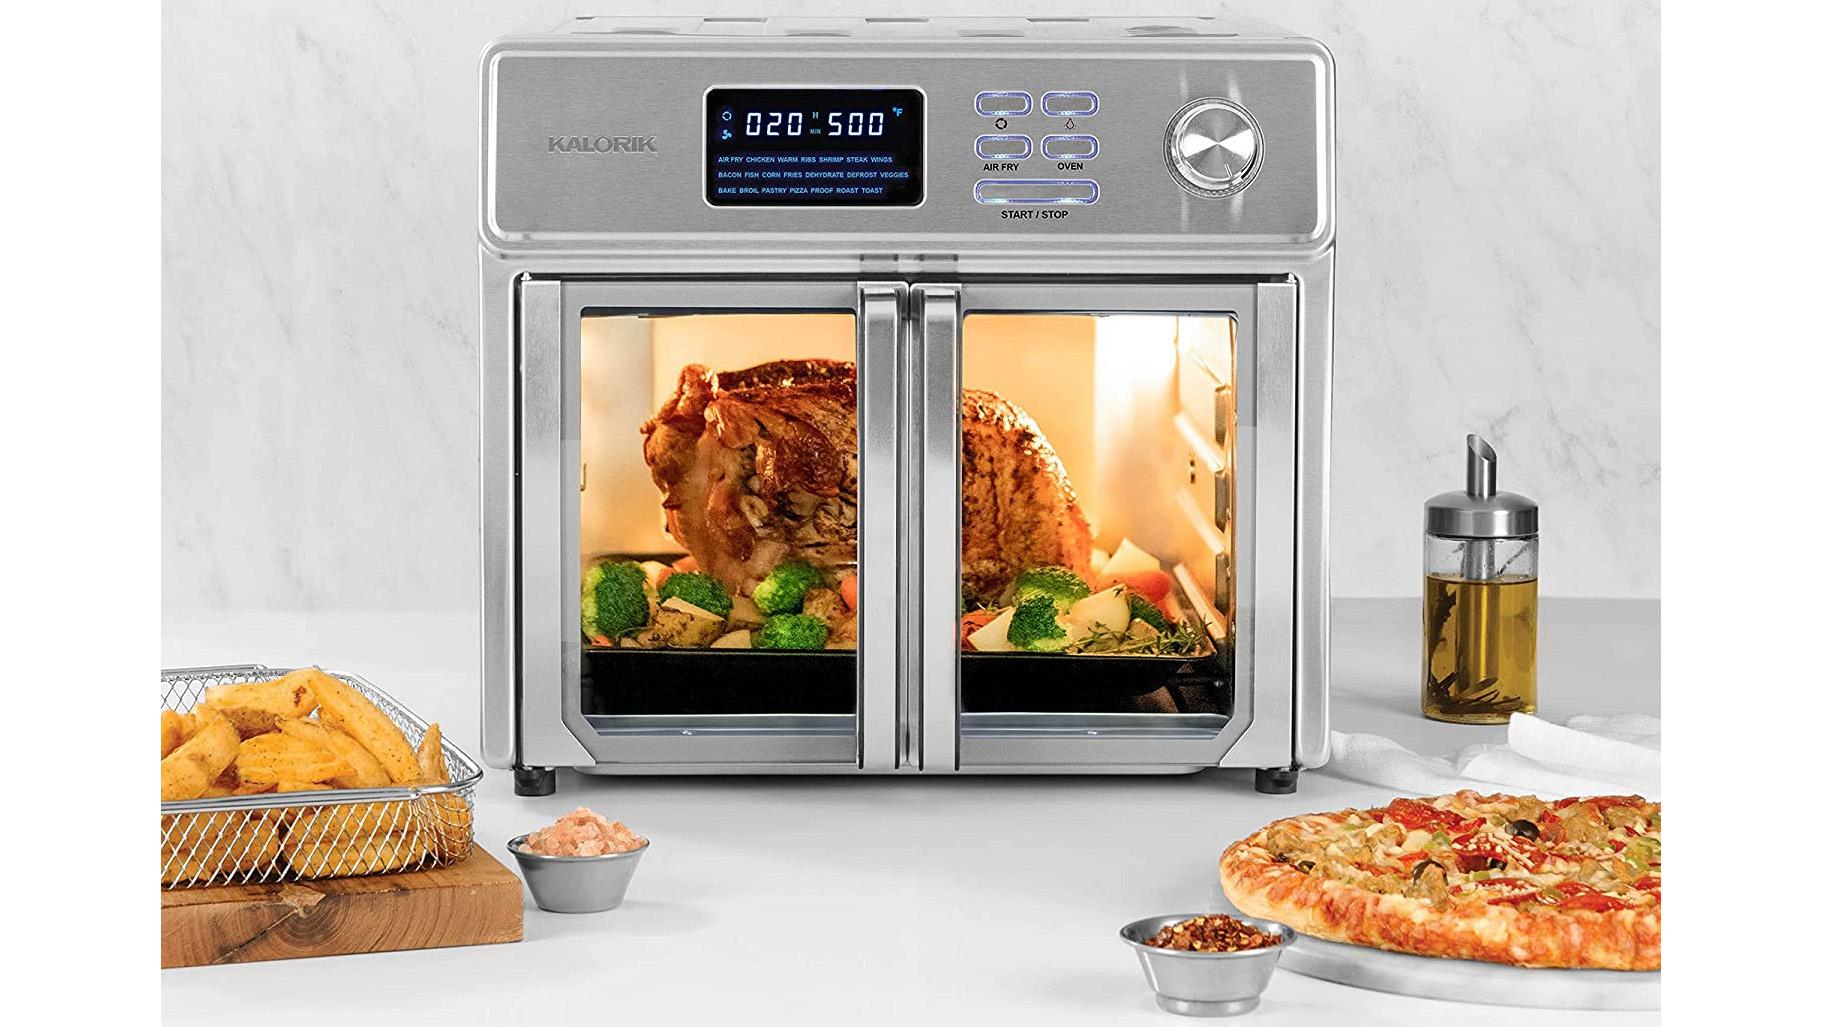 Kalorik Digital Maxx Air Fryer